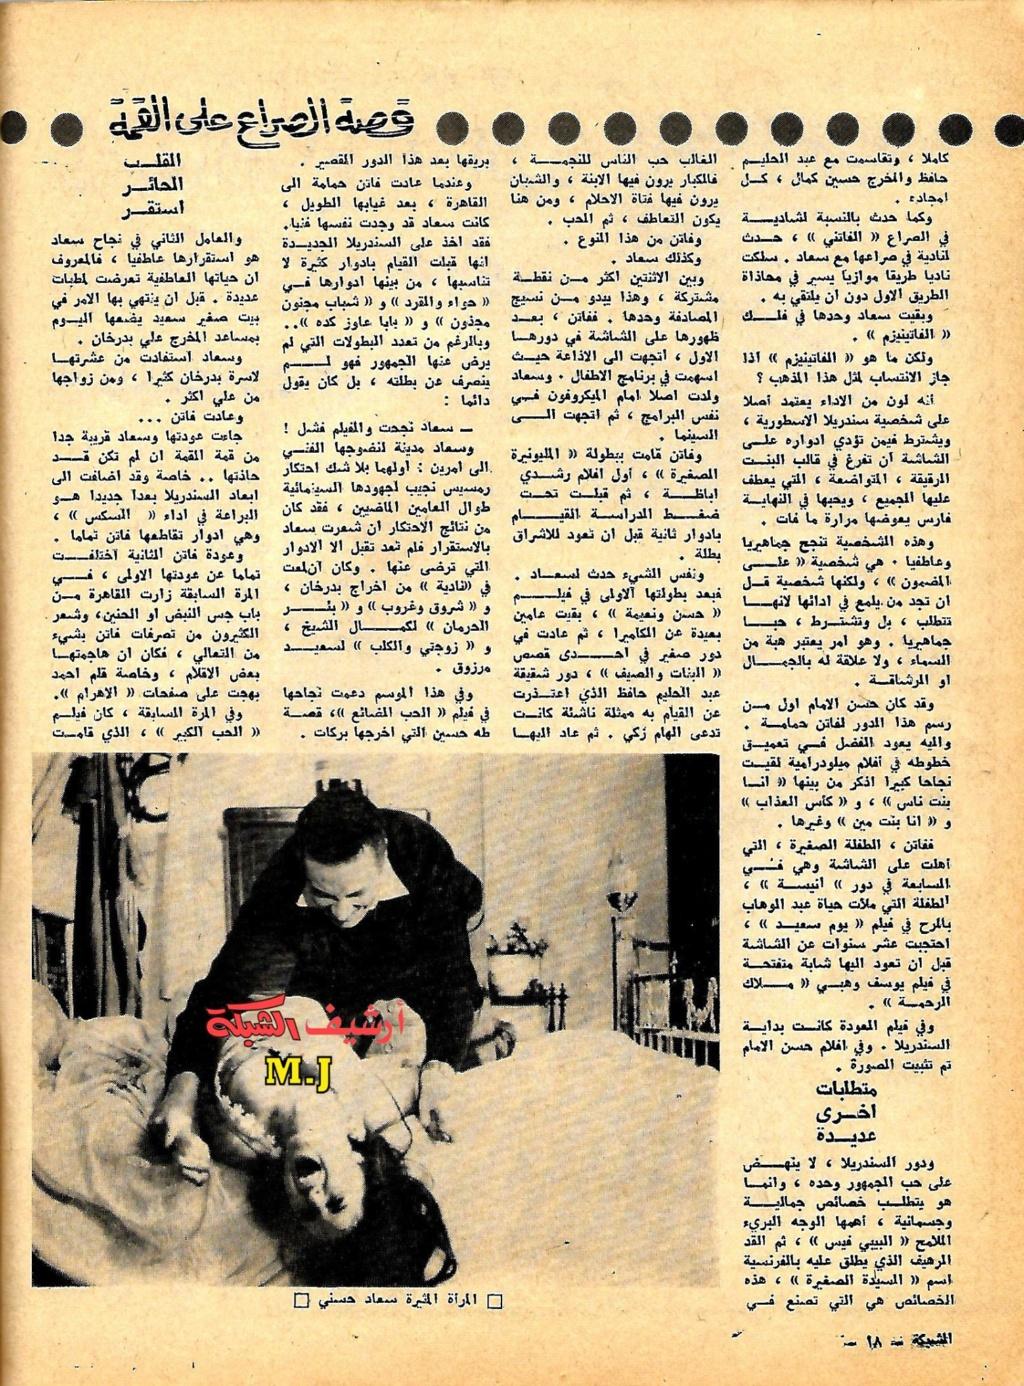 مقال صحفي : قصة الصراع على القمة بين فاتن حمامة وسعاد حسني 1970 م 311